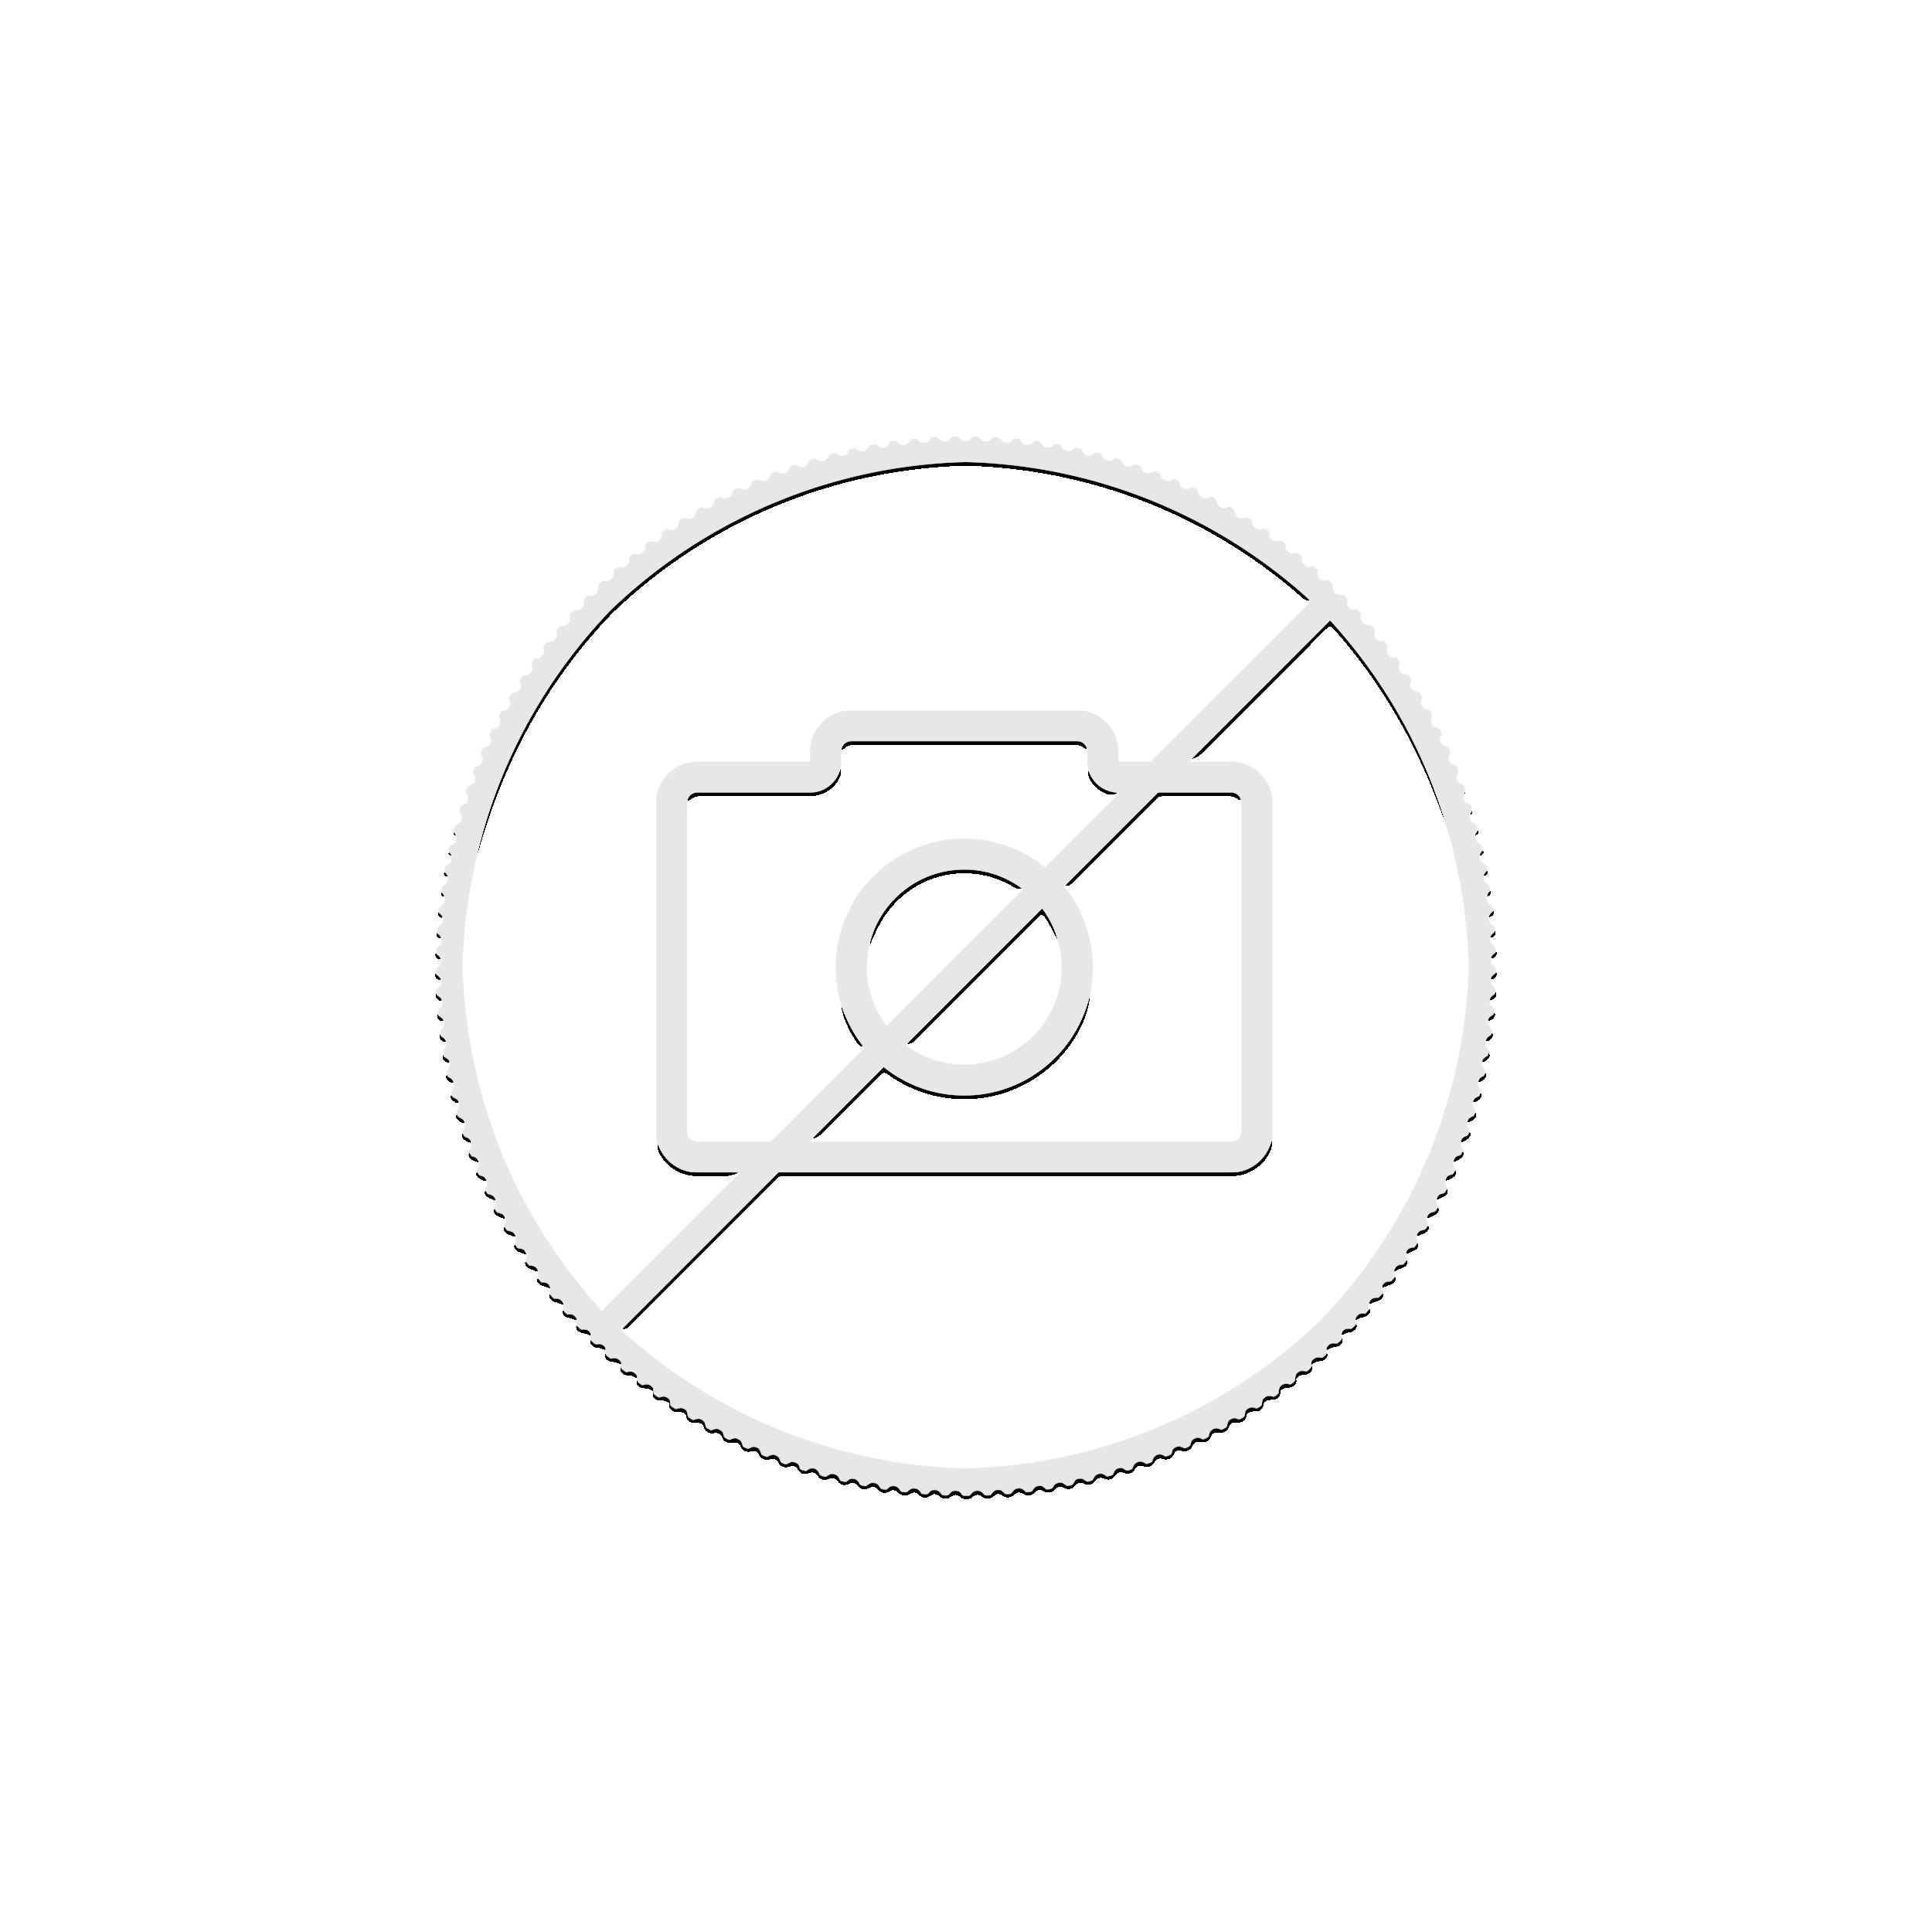 1 Troy ounce silver Kookaburra coin 2014